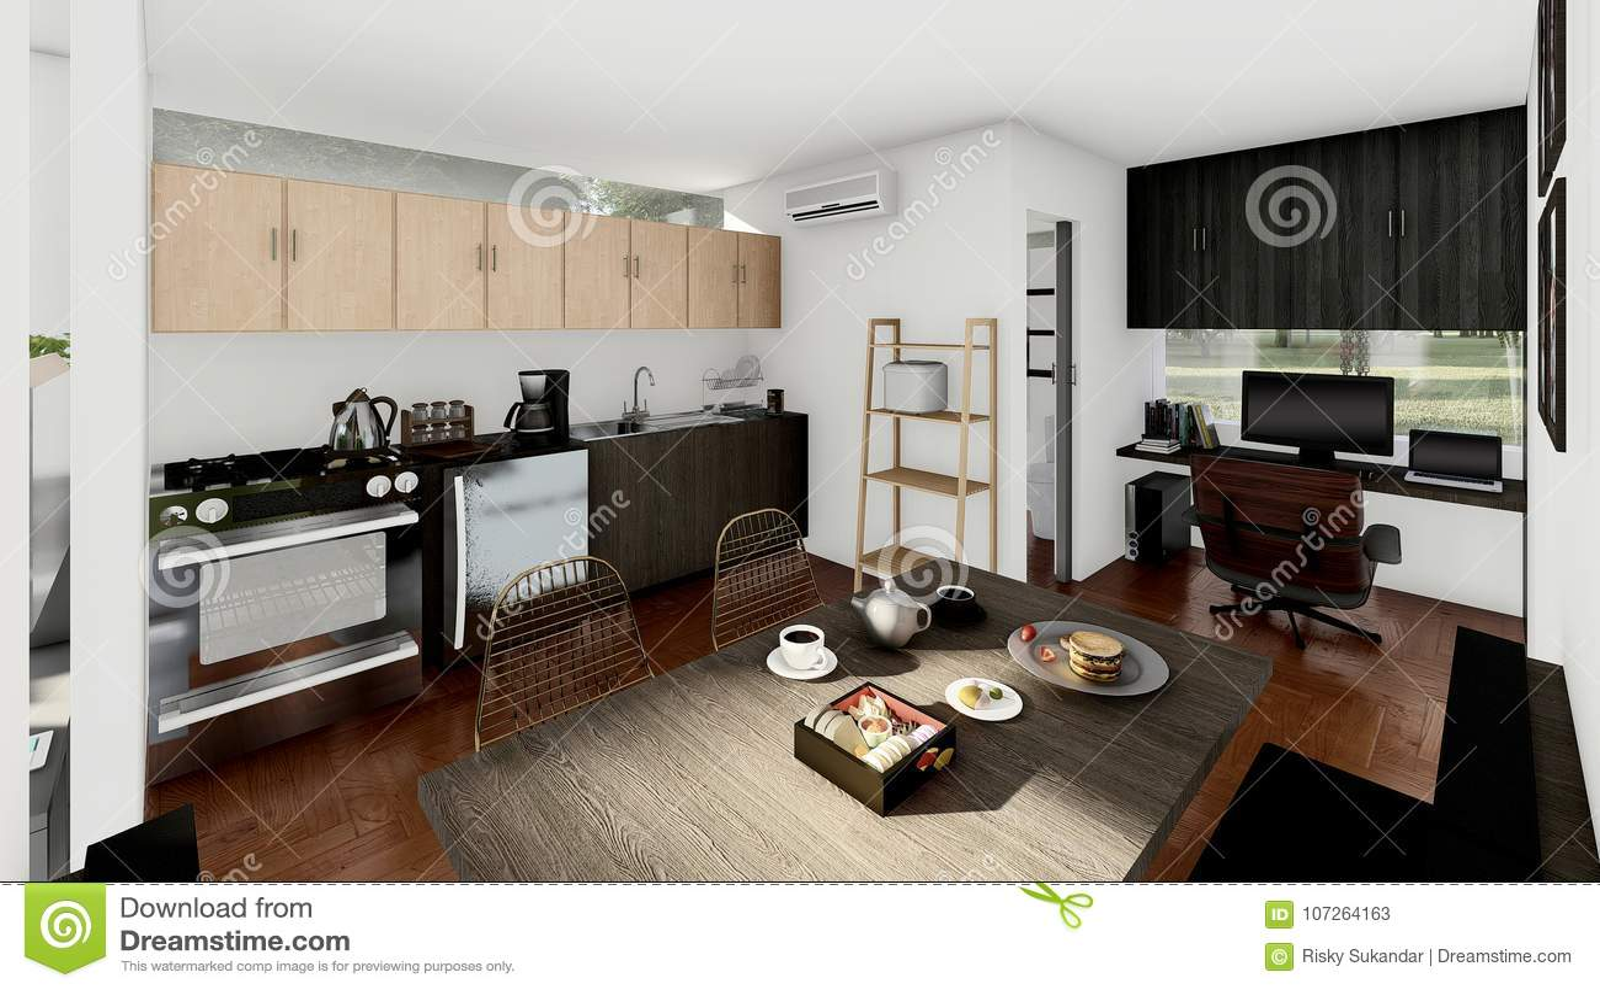 Emplacement Cuisine Dans La Maison petite cuisine avec diner et emplacement de travail